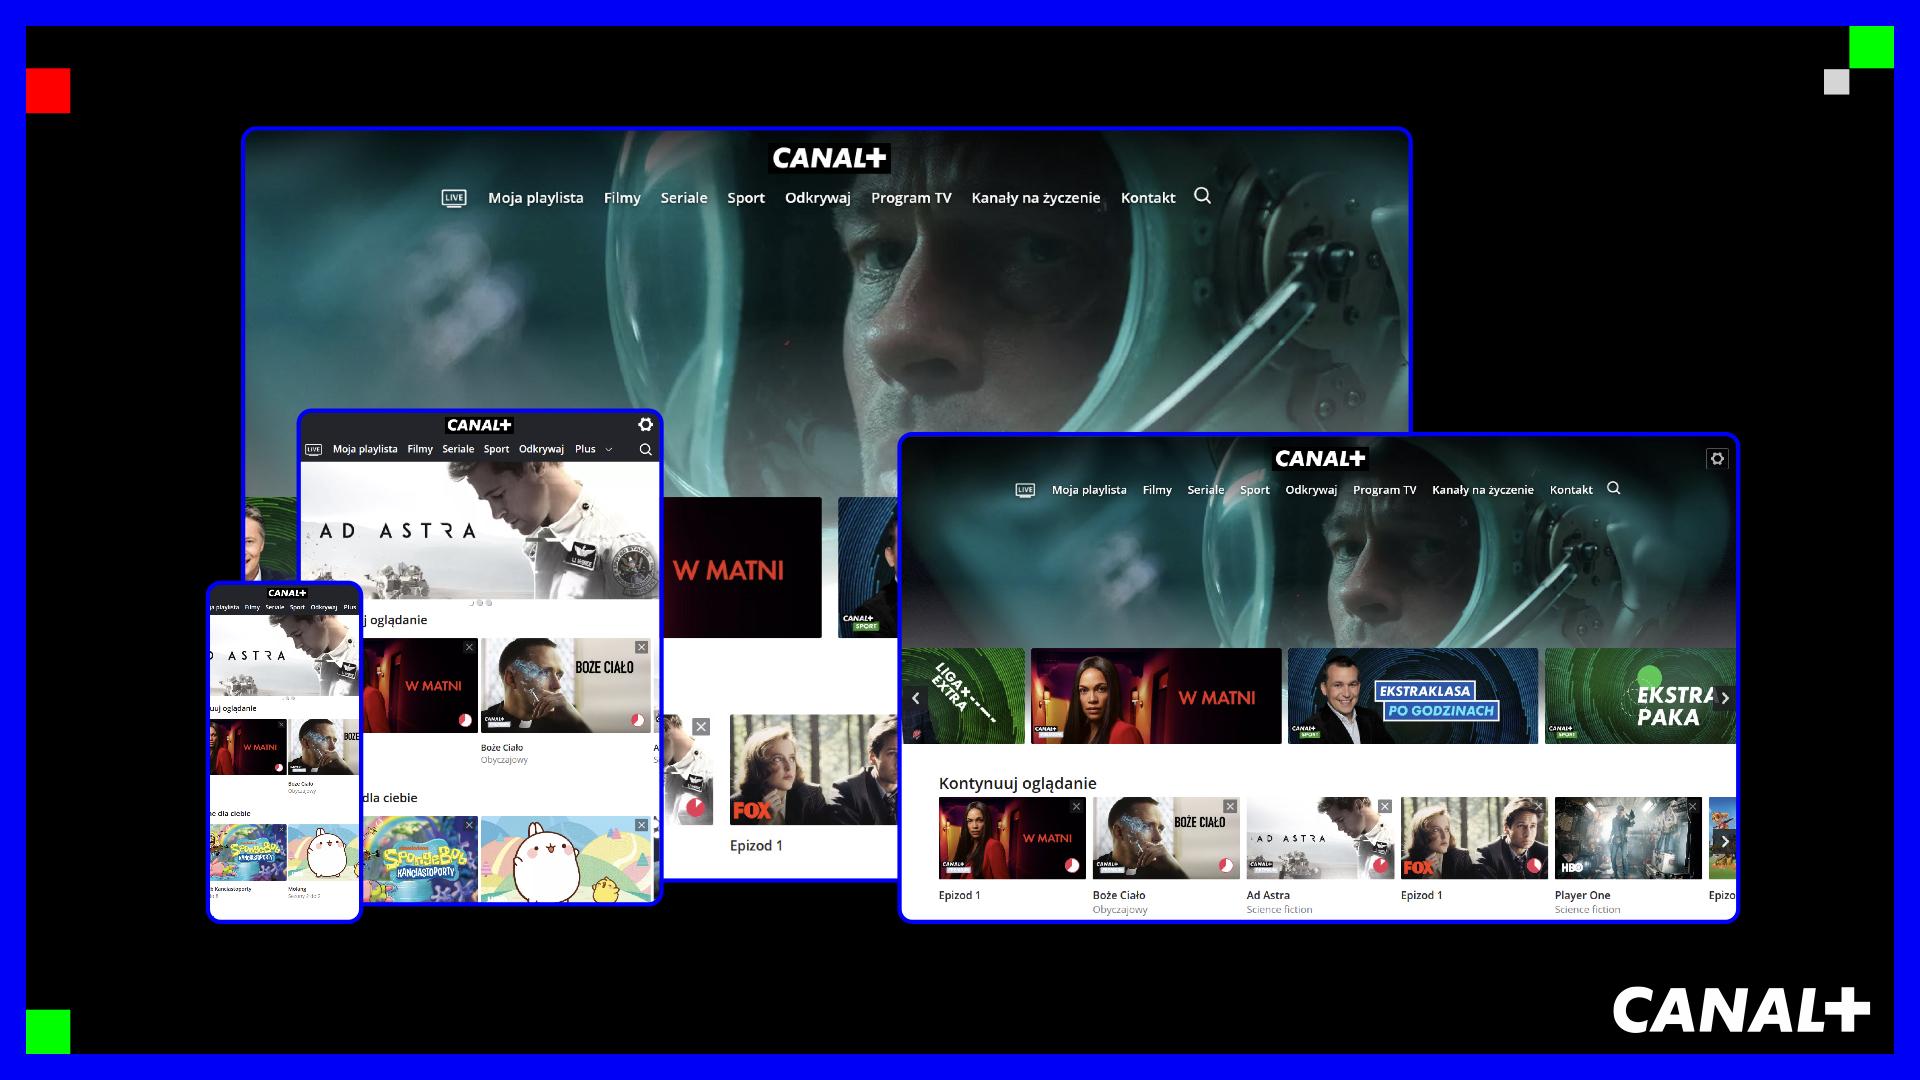 Startuje telewizja internetowa od CANAL+. Podstawa: treści najwyższej jakości 17